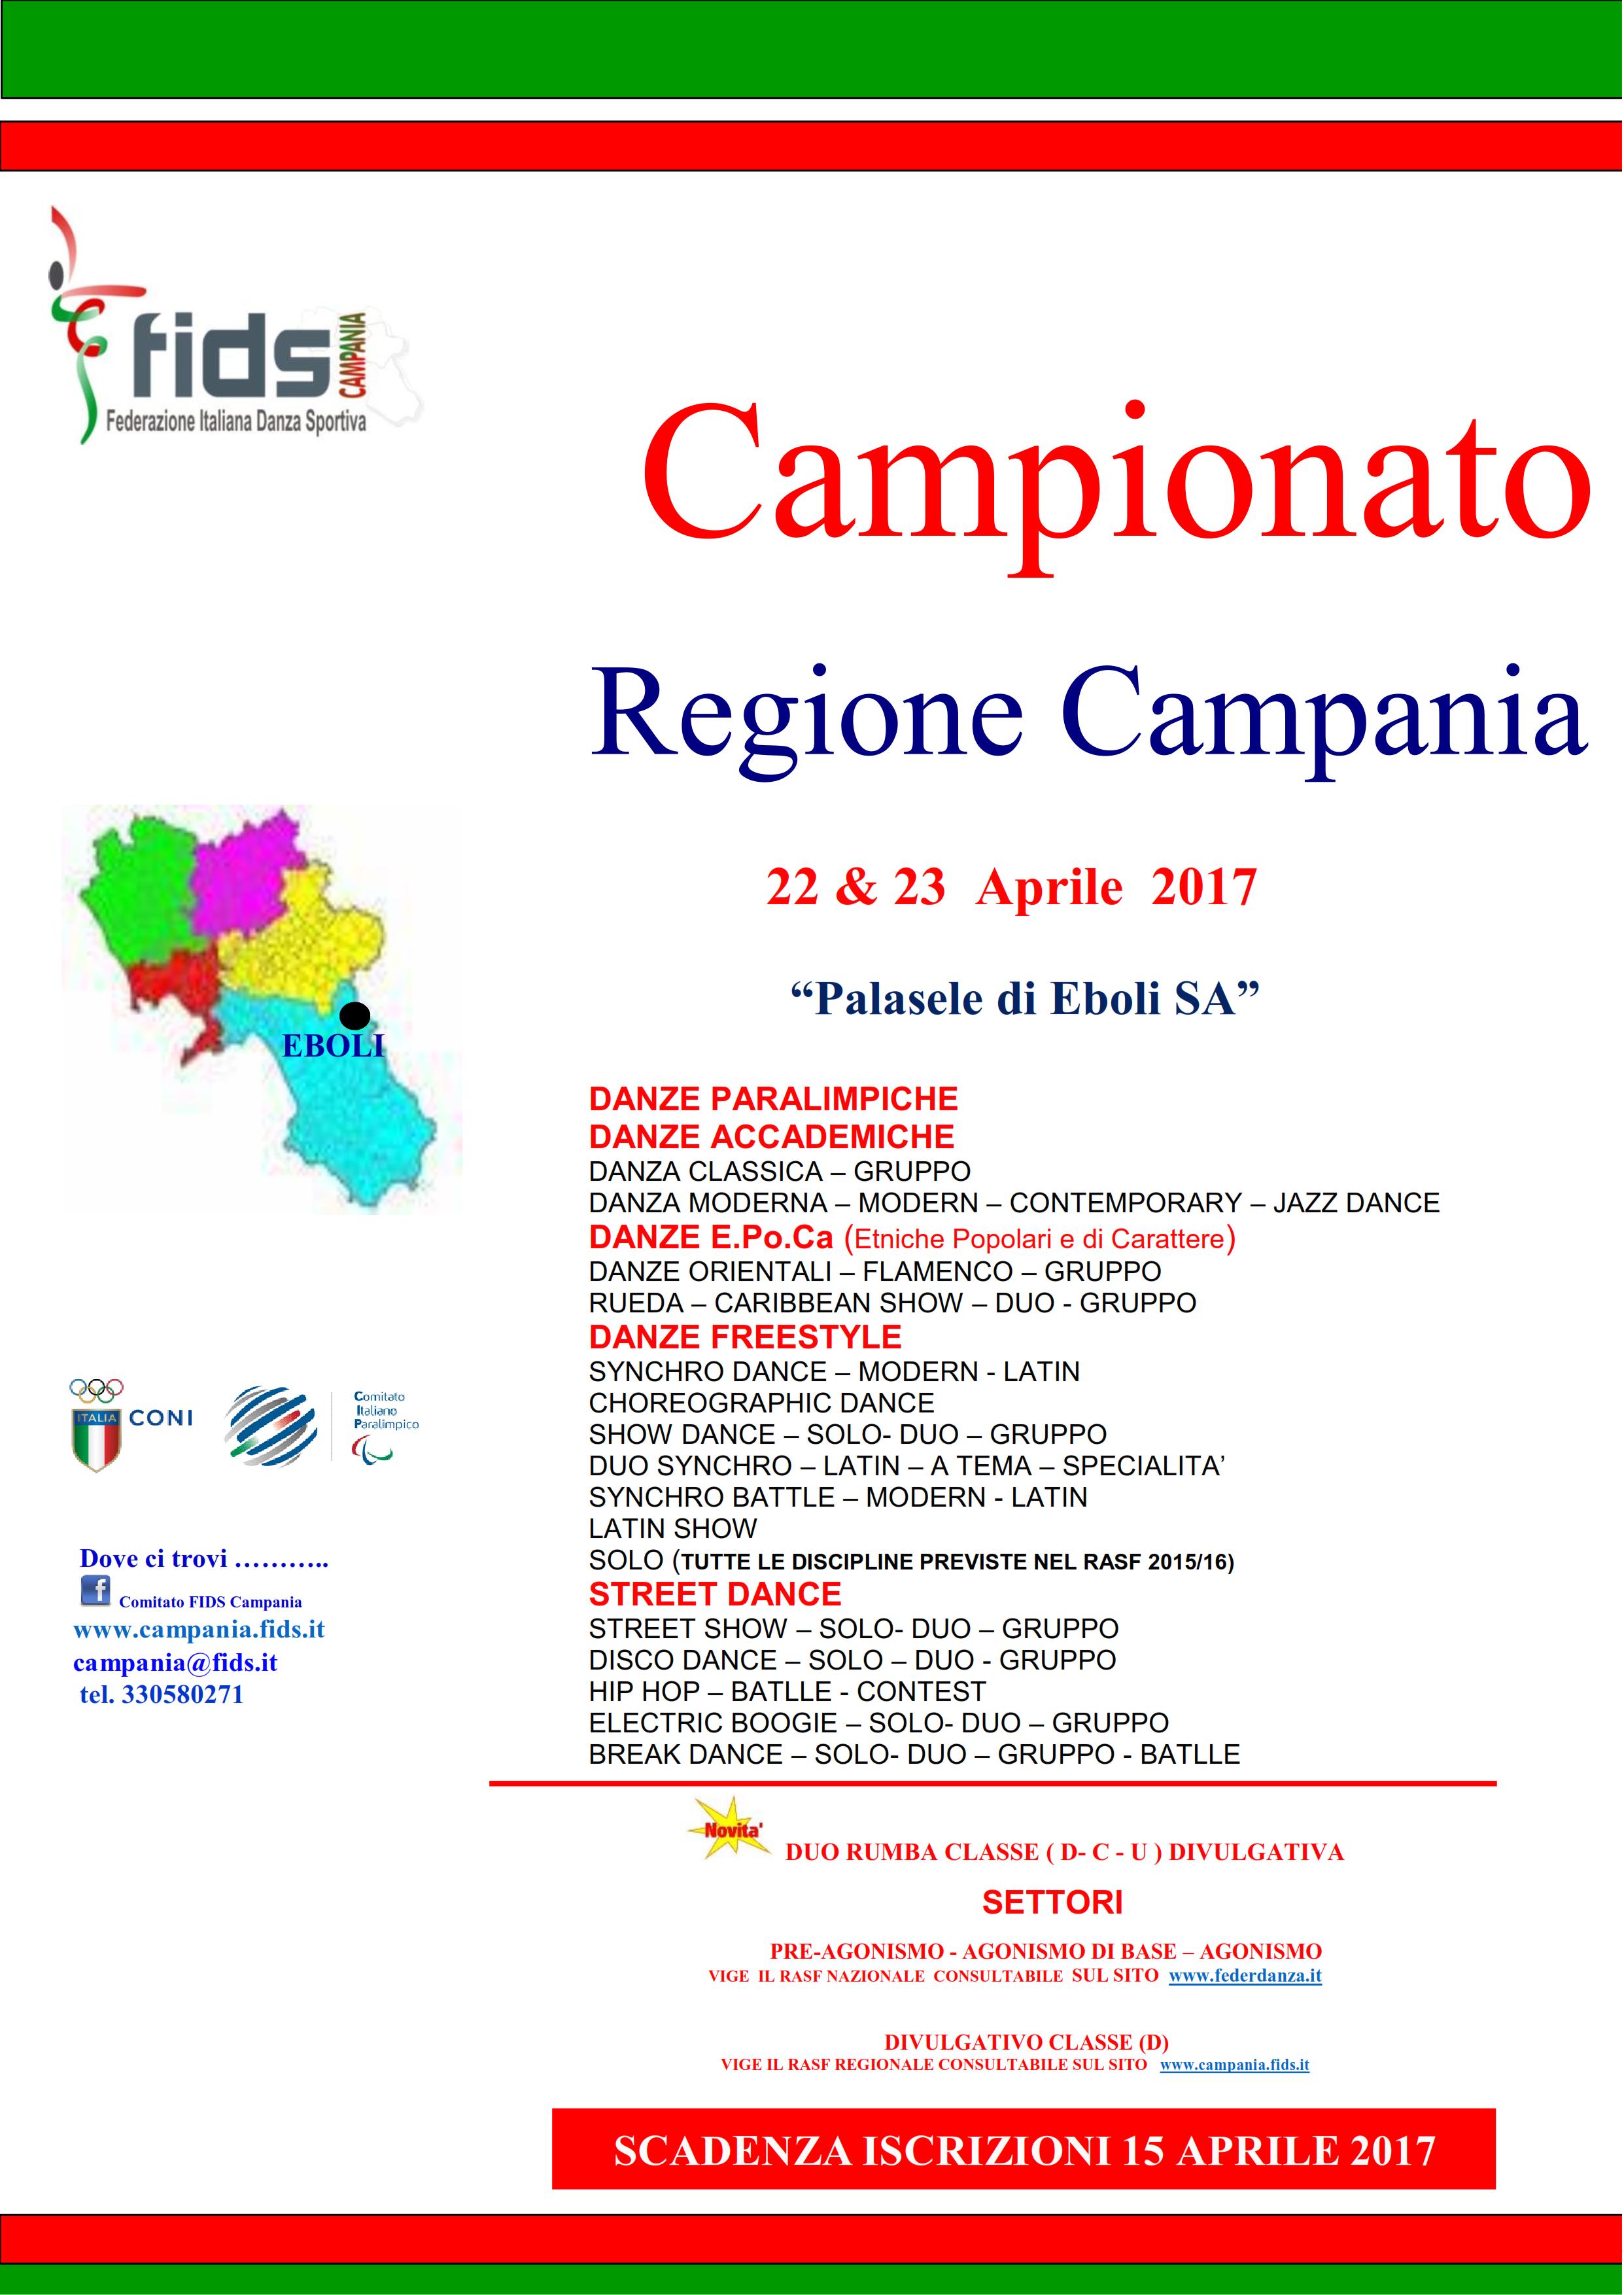 Calendario Fids.Competizioni Comitato Regionale Campania